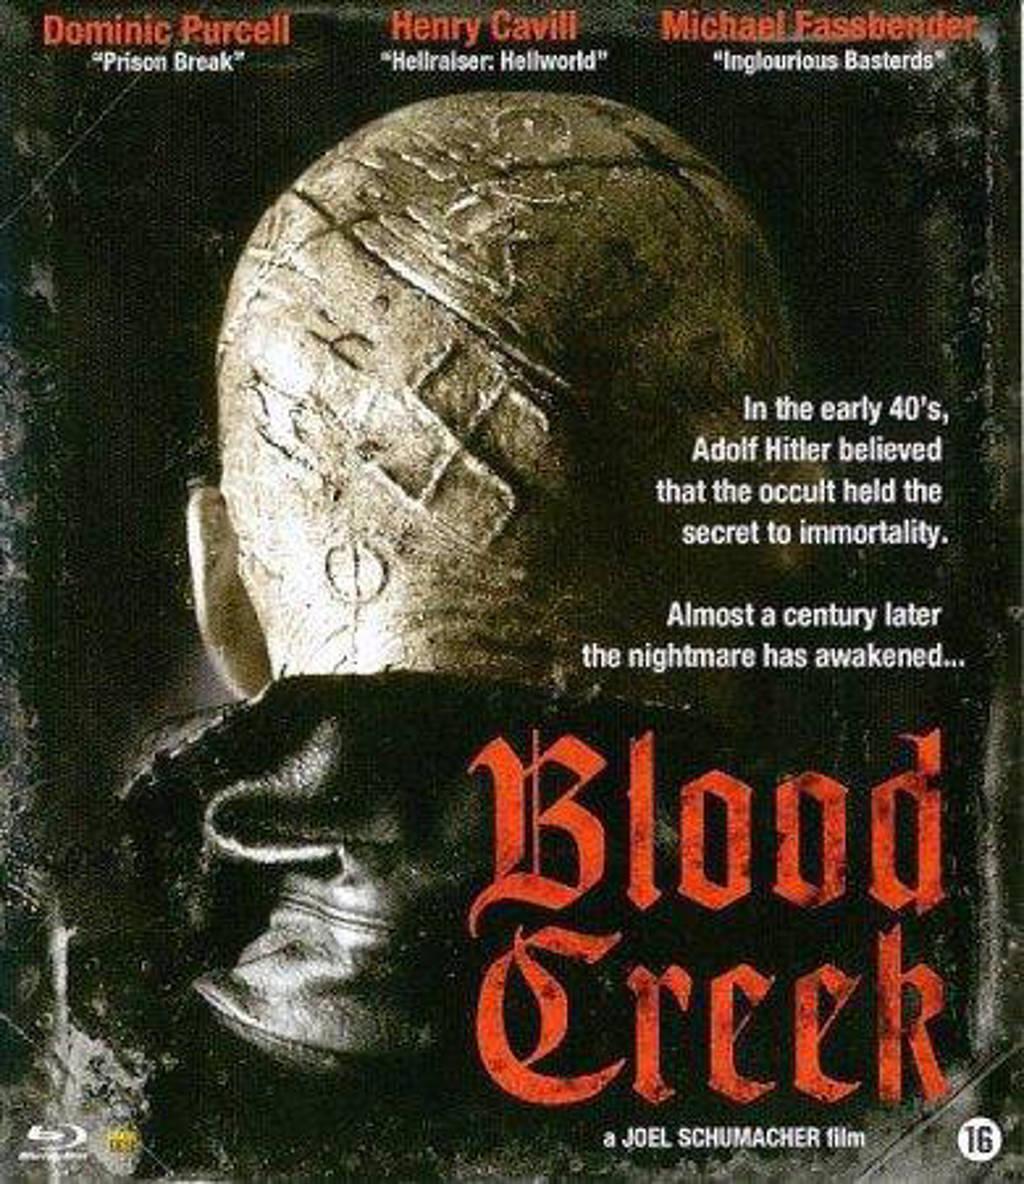 Blood creek (Blu-ray)